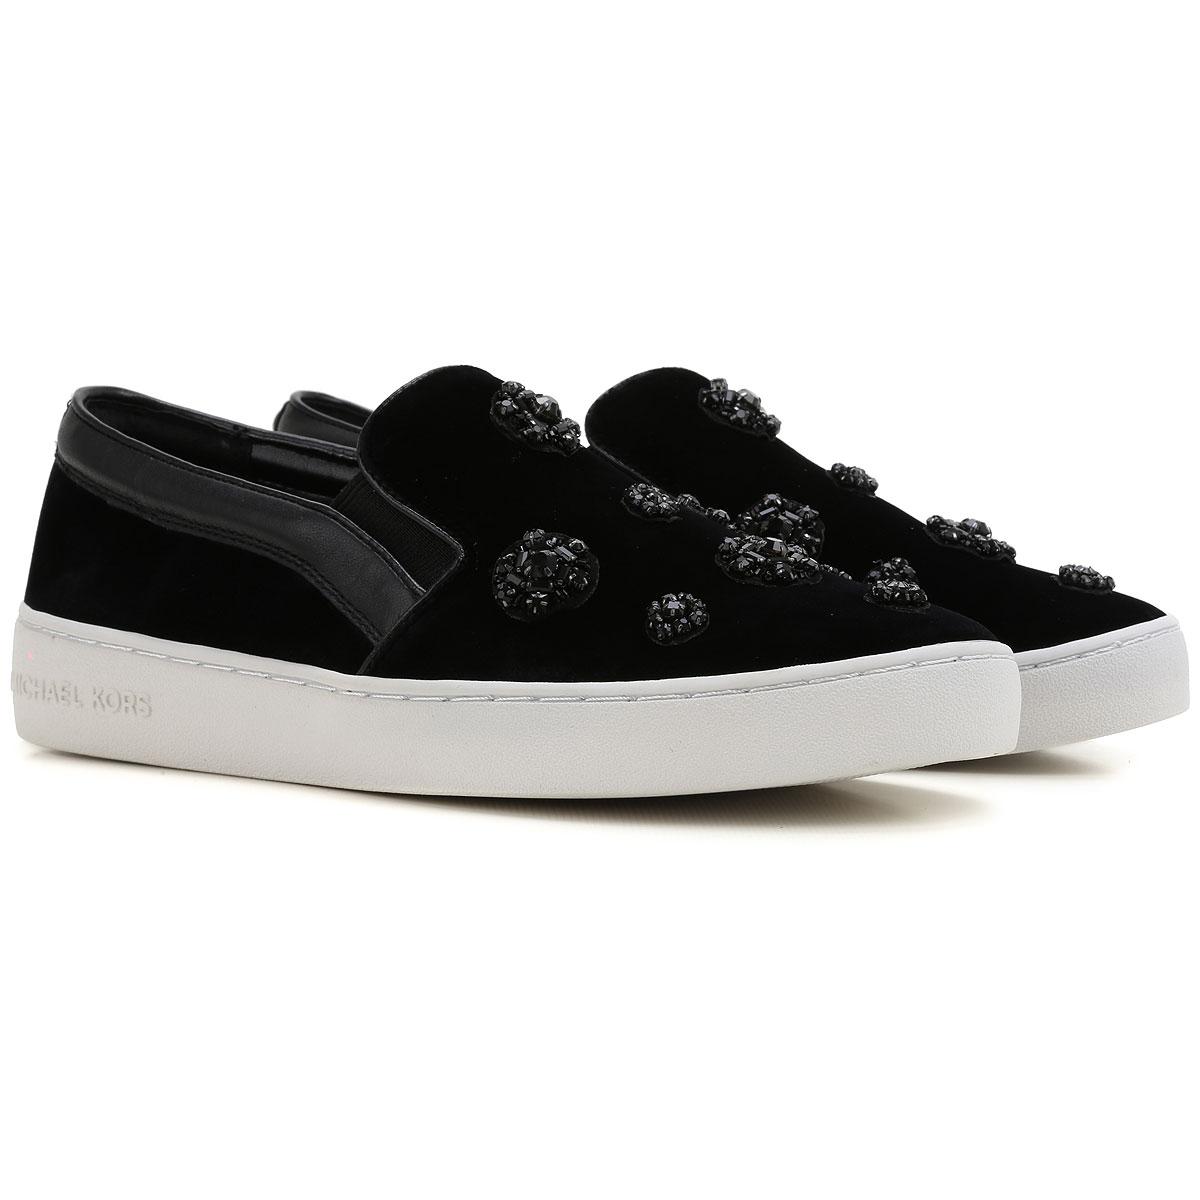 Michael Kors Slip on Sneakers for Women On Sale in Outlet, Black, Velvet, 2019, 6.5